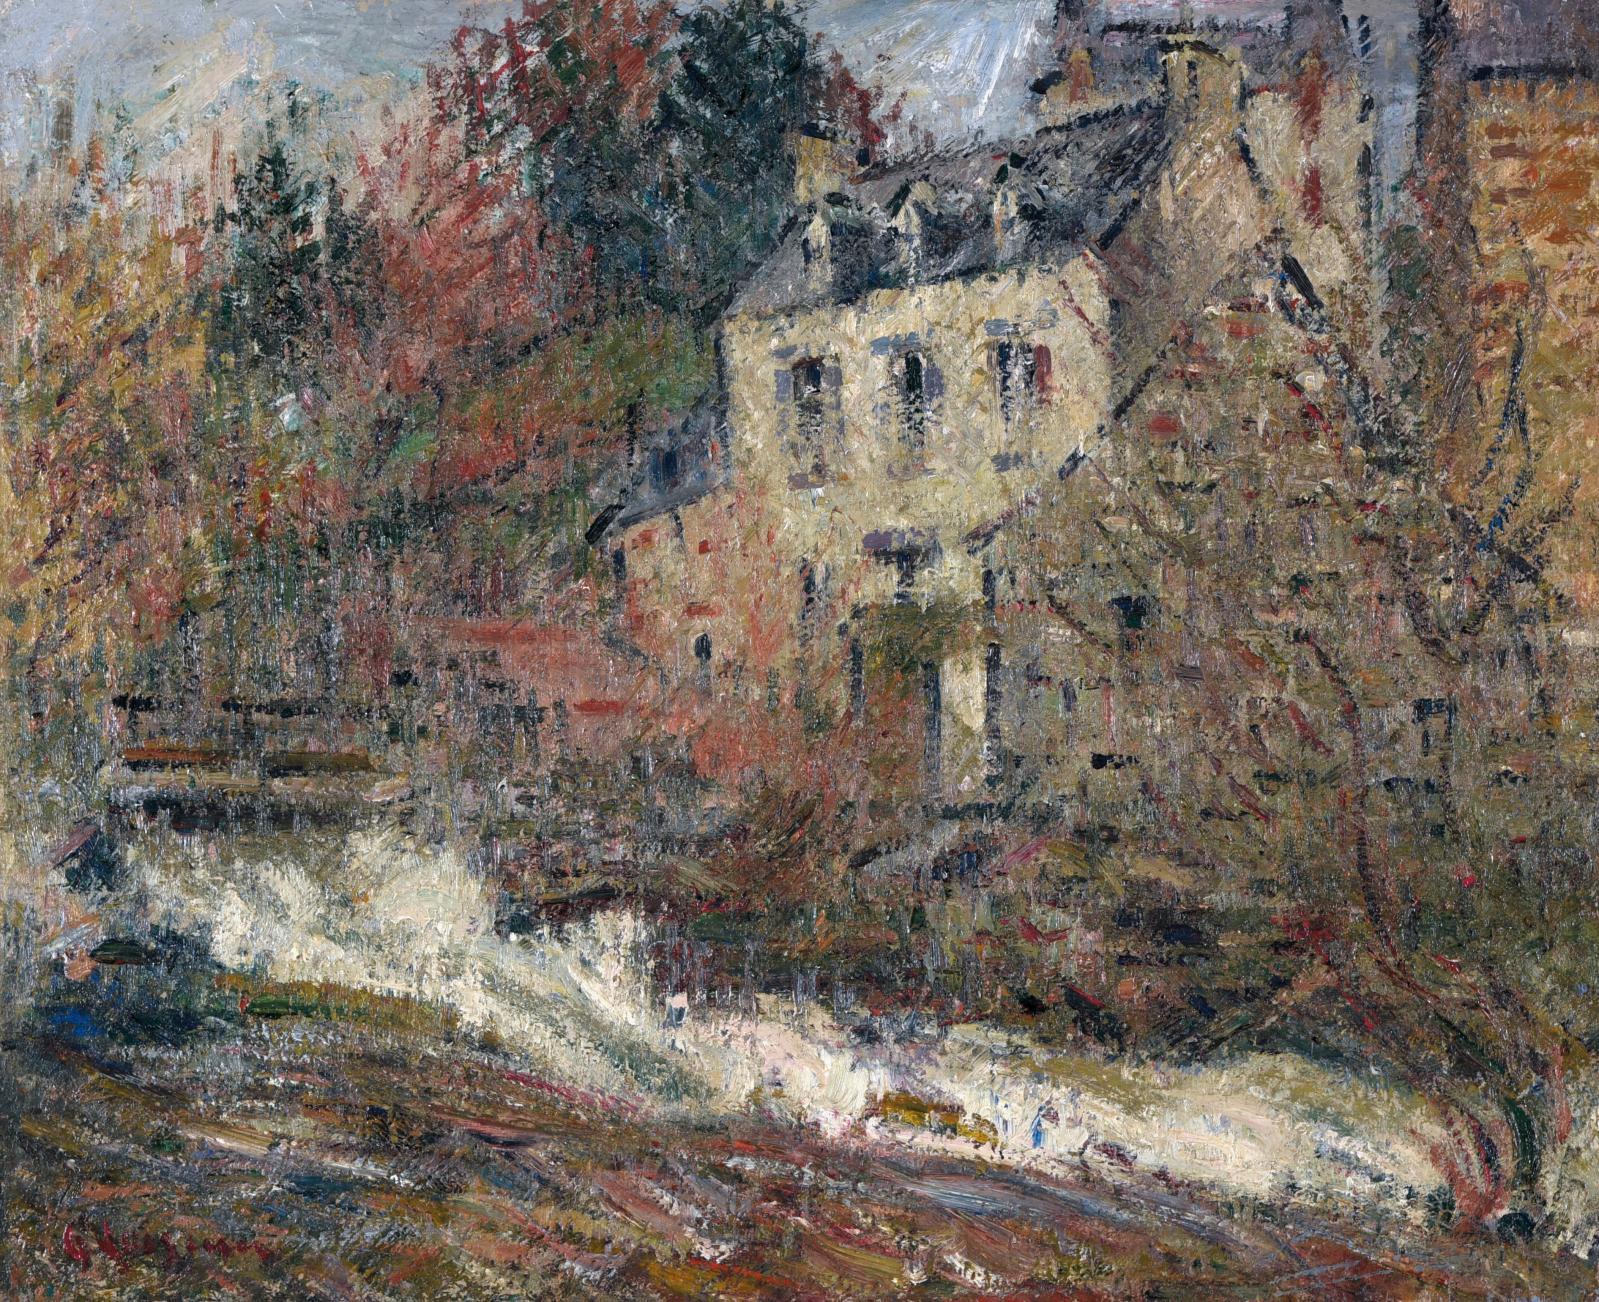 Richard Edward Miller (1875-1943) rêve de Paris dans sa ville de Saint-Louis (Missouri) jusqu'à ce jour de 1898, où il se fixe dans la capitale. Il y